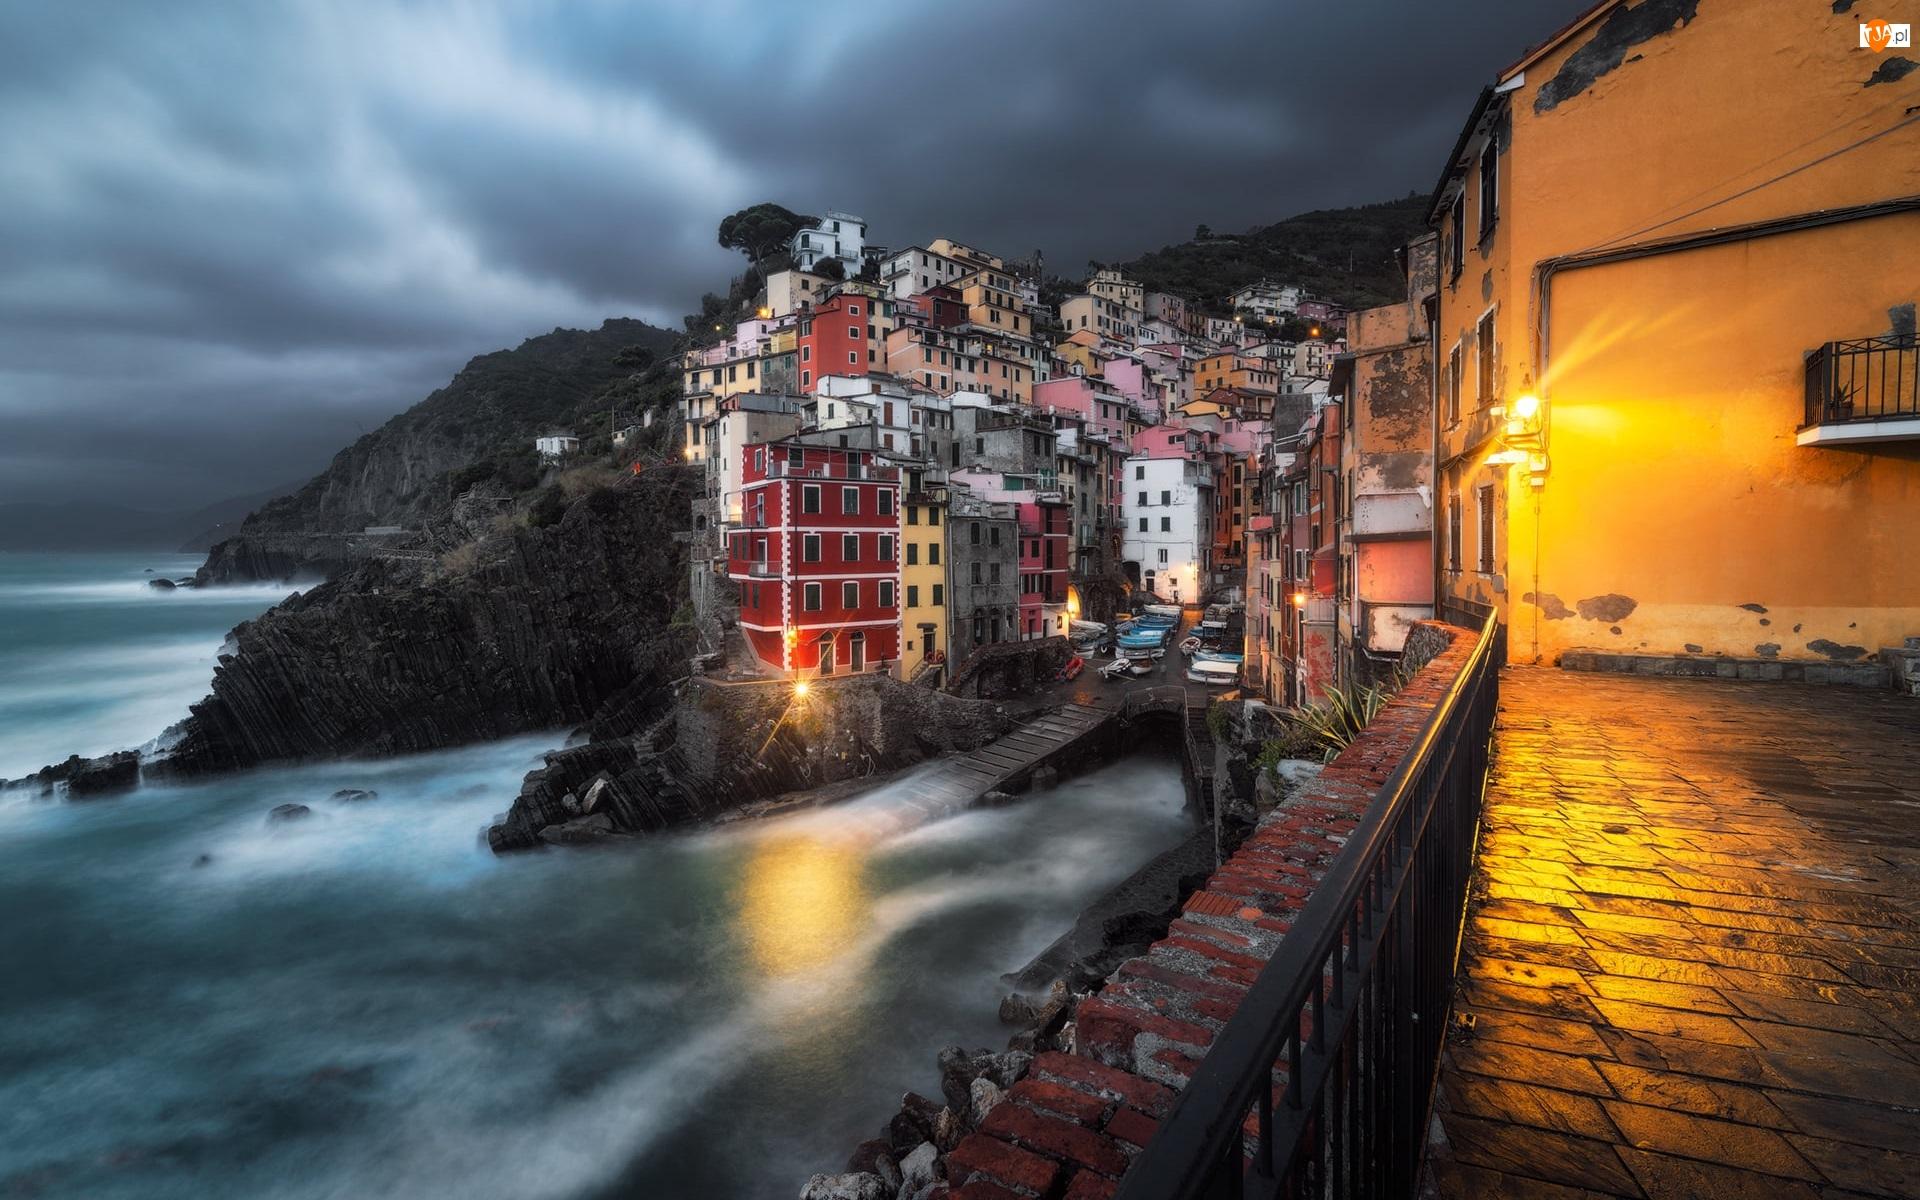 Riomaggiore, Domy, Zatoka, Morze, Cinque Terre, Światła, Kolorowe, Włochy, Skały, Miejscowość, Noc